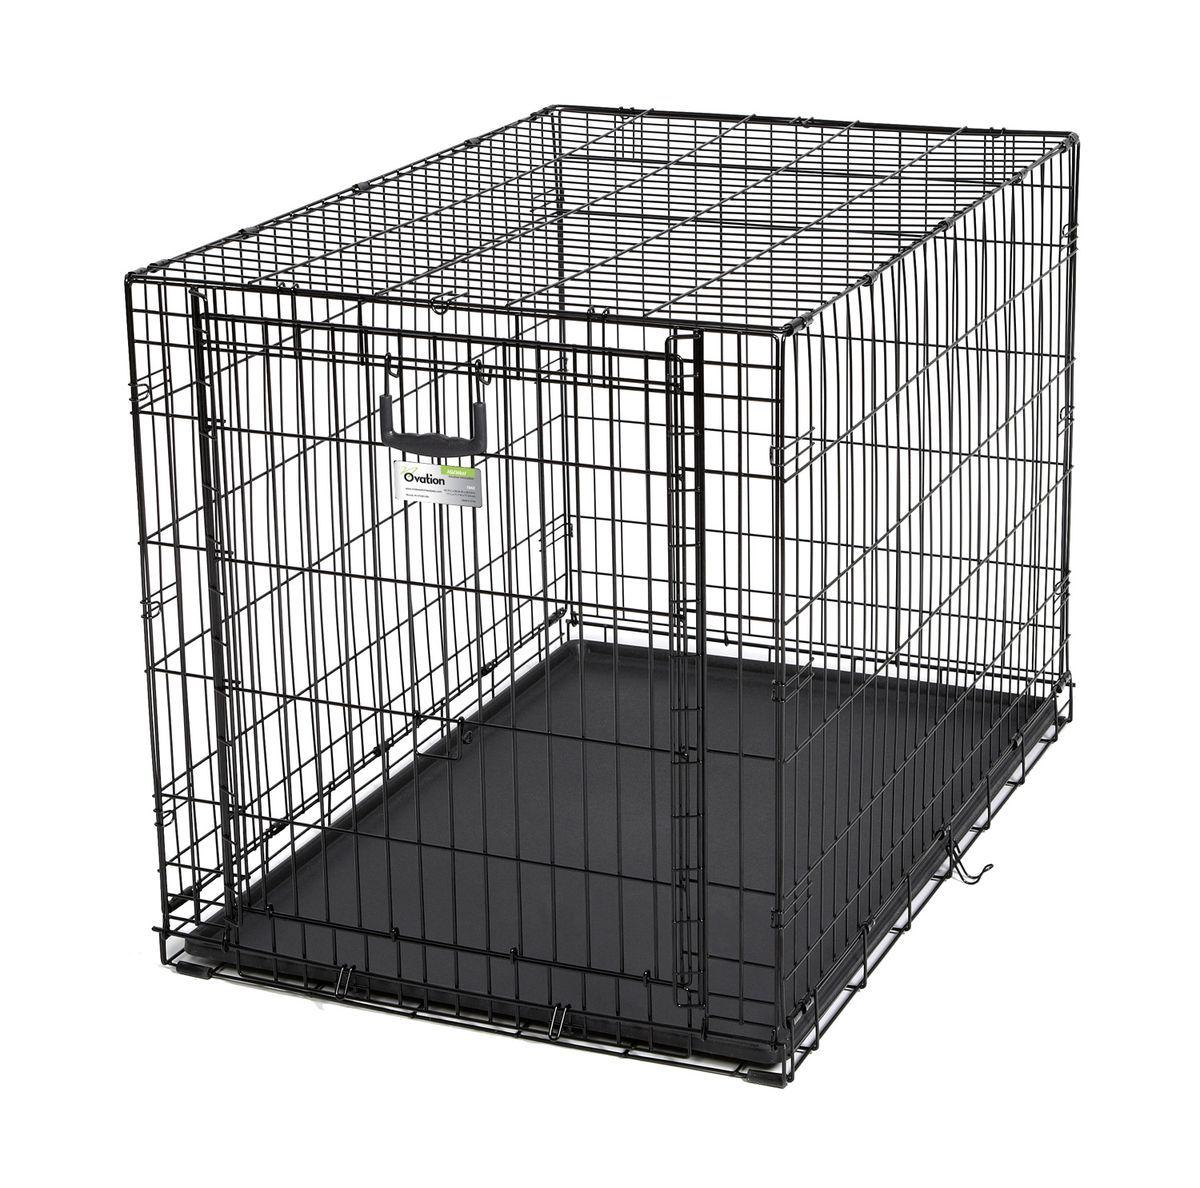 Клетка Midwest Ovation , 1 дверь рельсовая, 111 x 71,7 x 76,8 см1942Клетка для домашних животных Ovation с одной дверью - особо прочная, компактная, с открывающейся вверх дверью. Дверь с запатентованной технологией рельсовой вертикальной системы удобно открывается вверх и размещается на крыше клетки. Это позволяет устранить необходимость в дополнительном пространстве, которое нужно для клеток с откидными дверьми, и максимально предохраняет от открытия животным. В комплект включены: разделяющая панель, пластиковый поддон и специальные пластиковые ручки для удобной транспортировки клетки в сложенном виде. Закругленная угловая защита клетки обеспечивает безопасность питомцам и людям и не повреждает поверхность, на которой размещается. Разделяющая панель позволяет создавать универсальные отсеки. Поддон из композитного пластика легко моется. Клетка легко устанавливается и складывается без использования инструментов. В сложенном виде занимает мало места. Размер - 111х71,7х76,8h. Вес 15,8 кг (17,5 кг с коробкой). Цвет - черный.